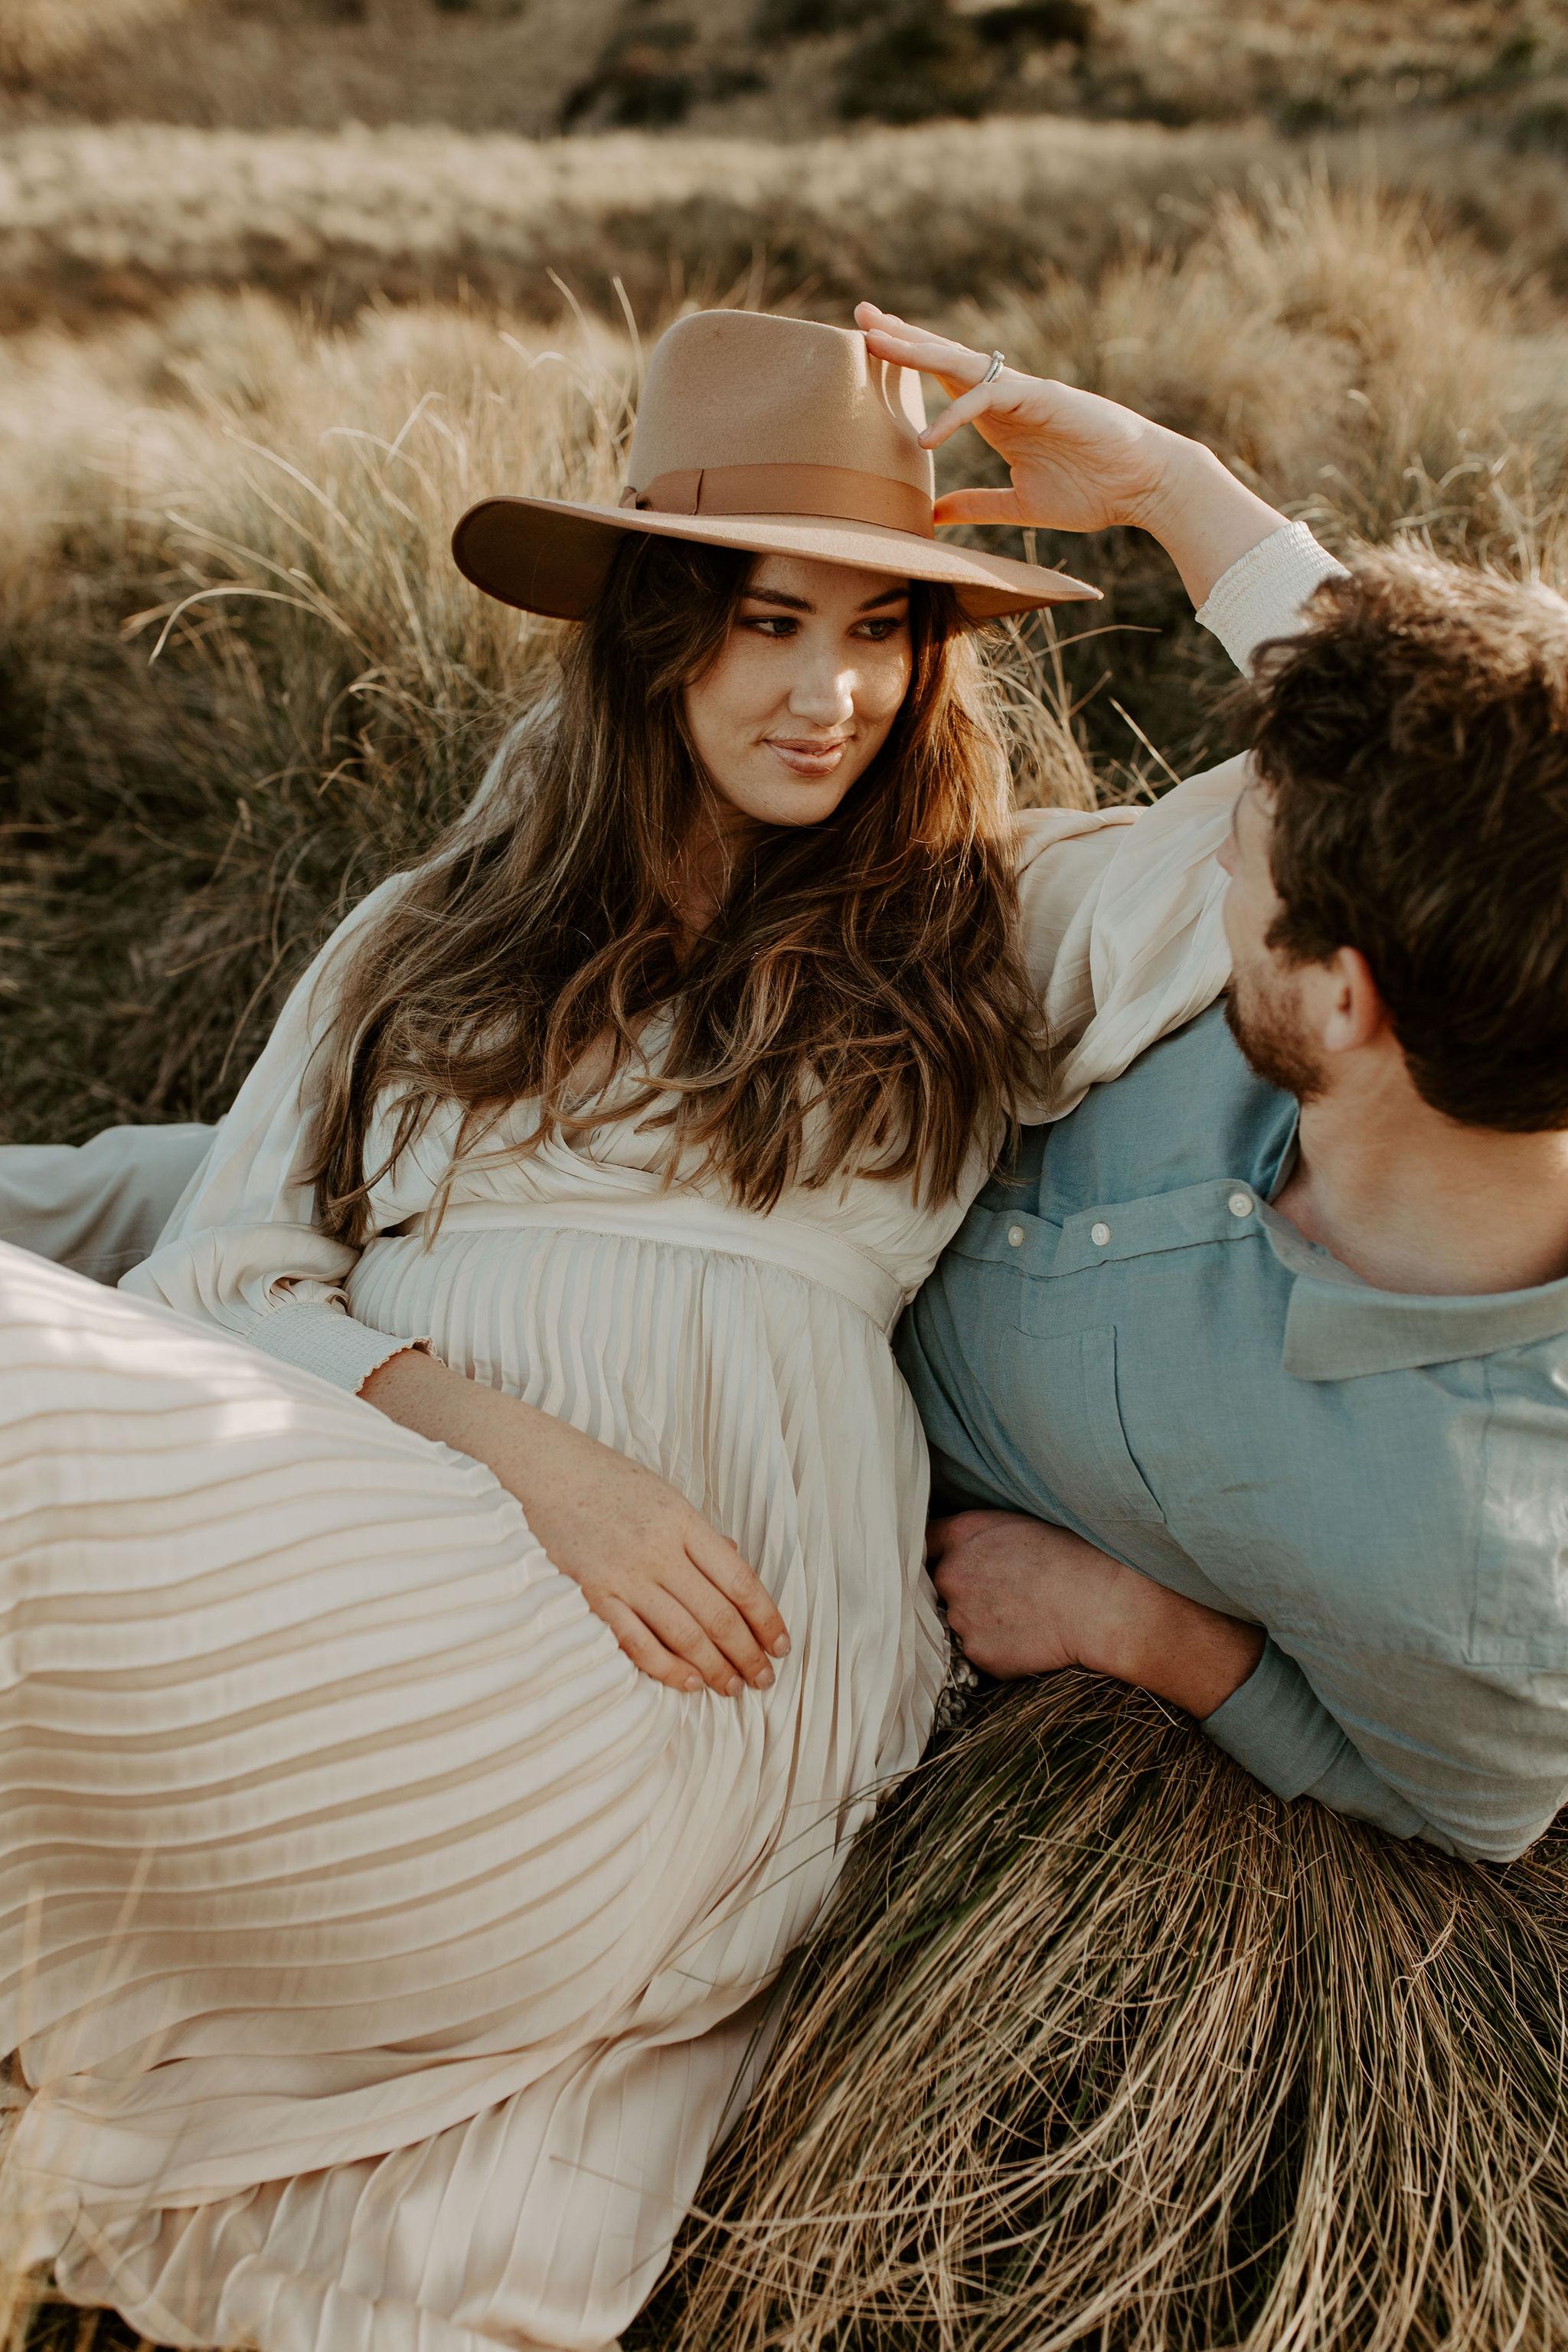 Dunedin-NewZealand-Elopement-Engagement-Photographer-Sam-Ashlie-6237.jpg